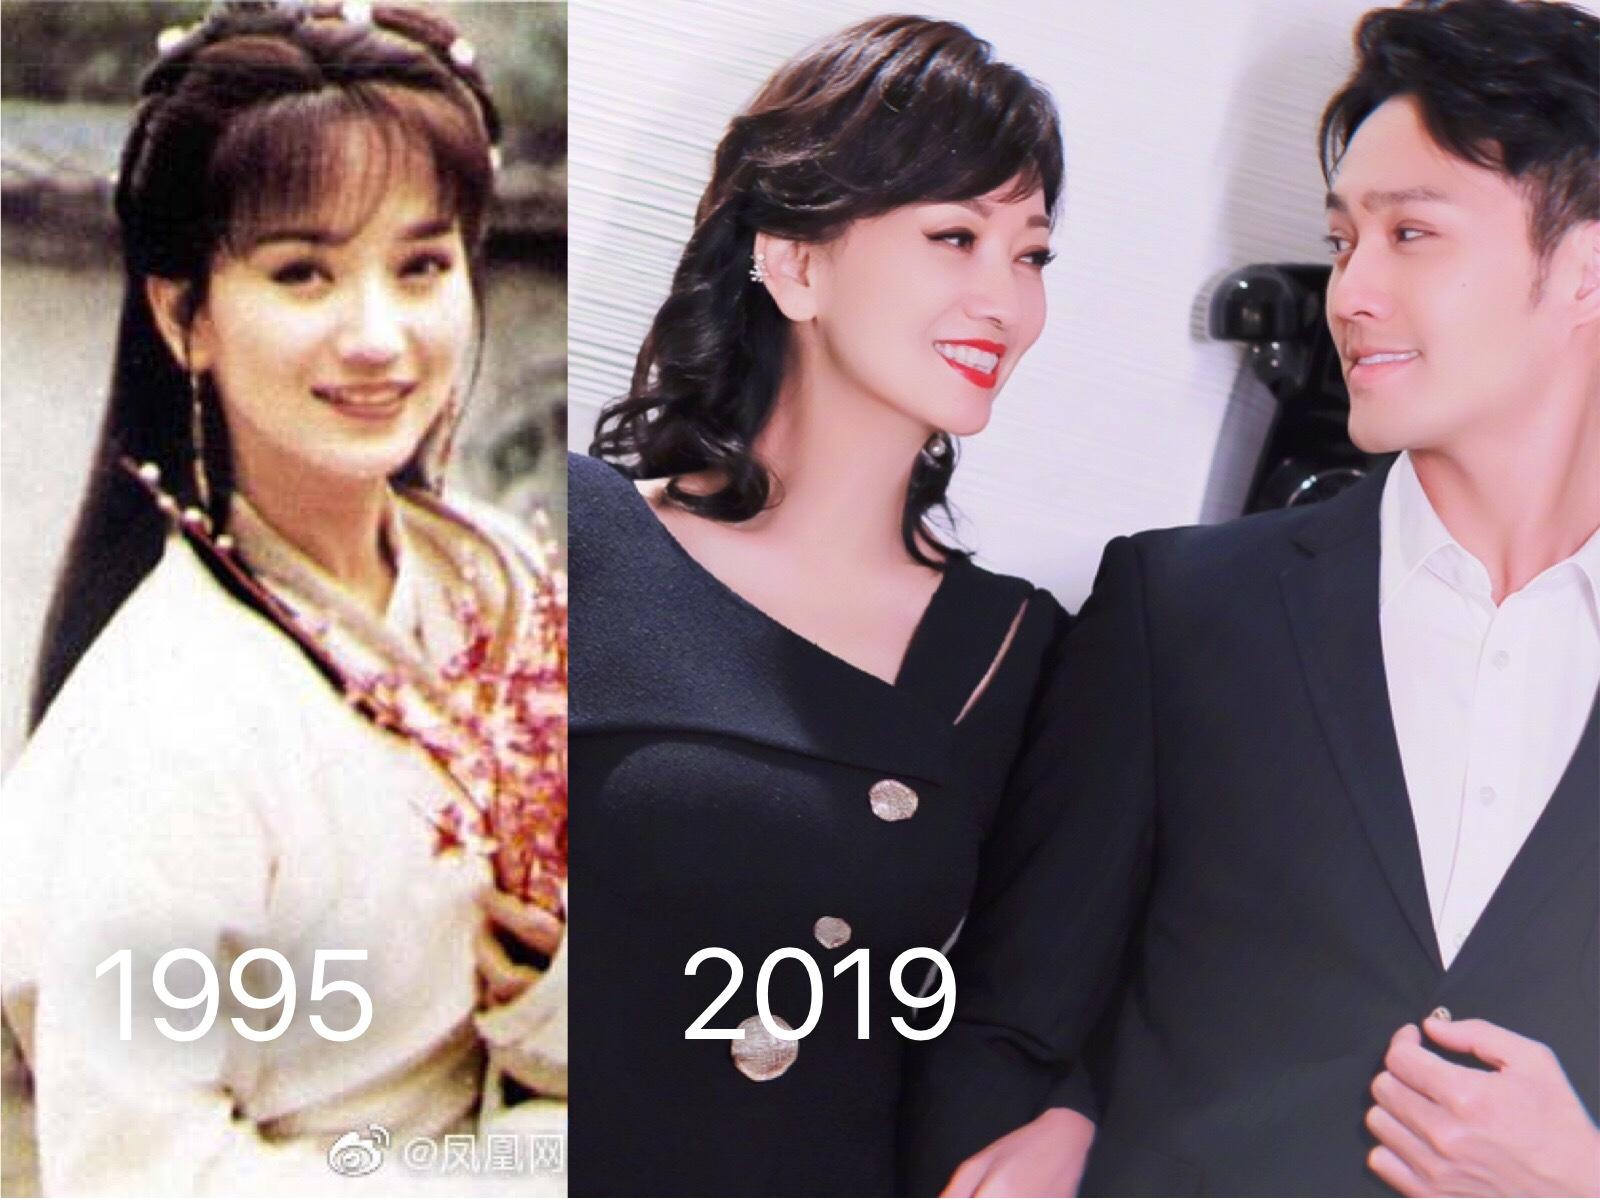 赵雅芝的儿子黄恺杰图片_不管是41岁,还是65岁,她永远都在最美的年纪_赵雅芝